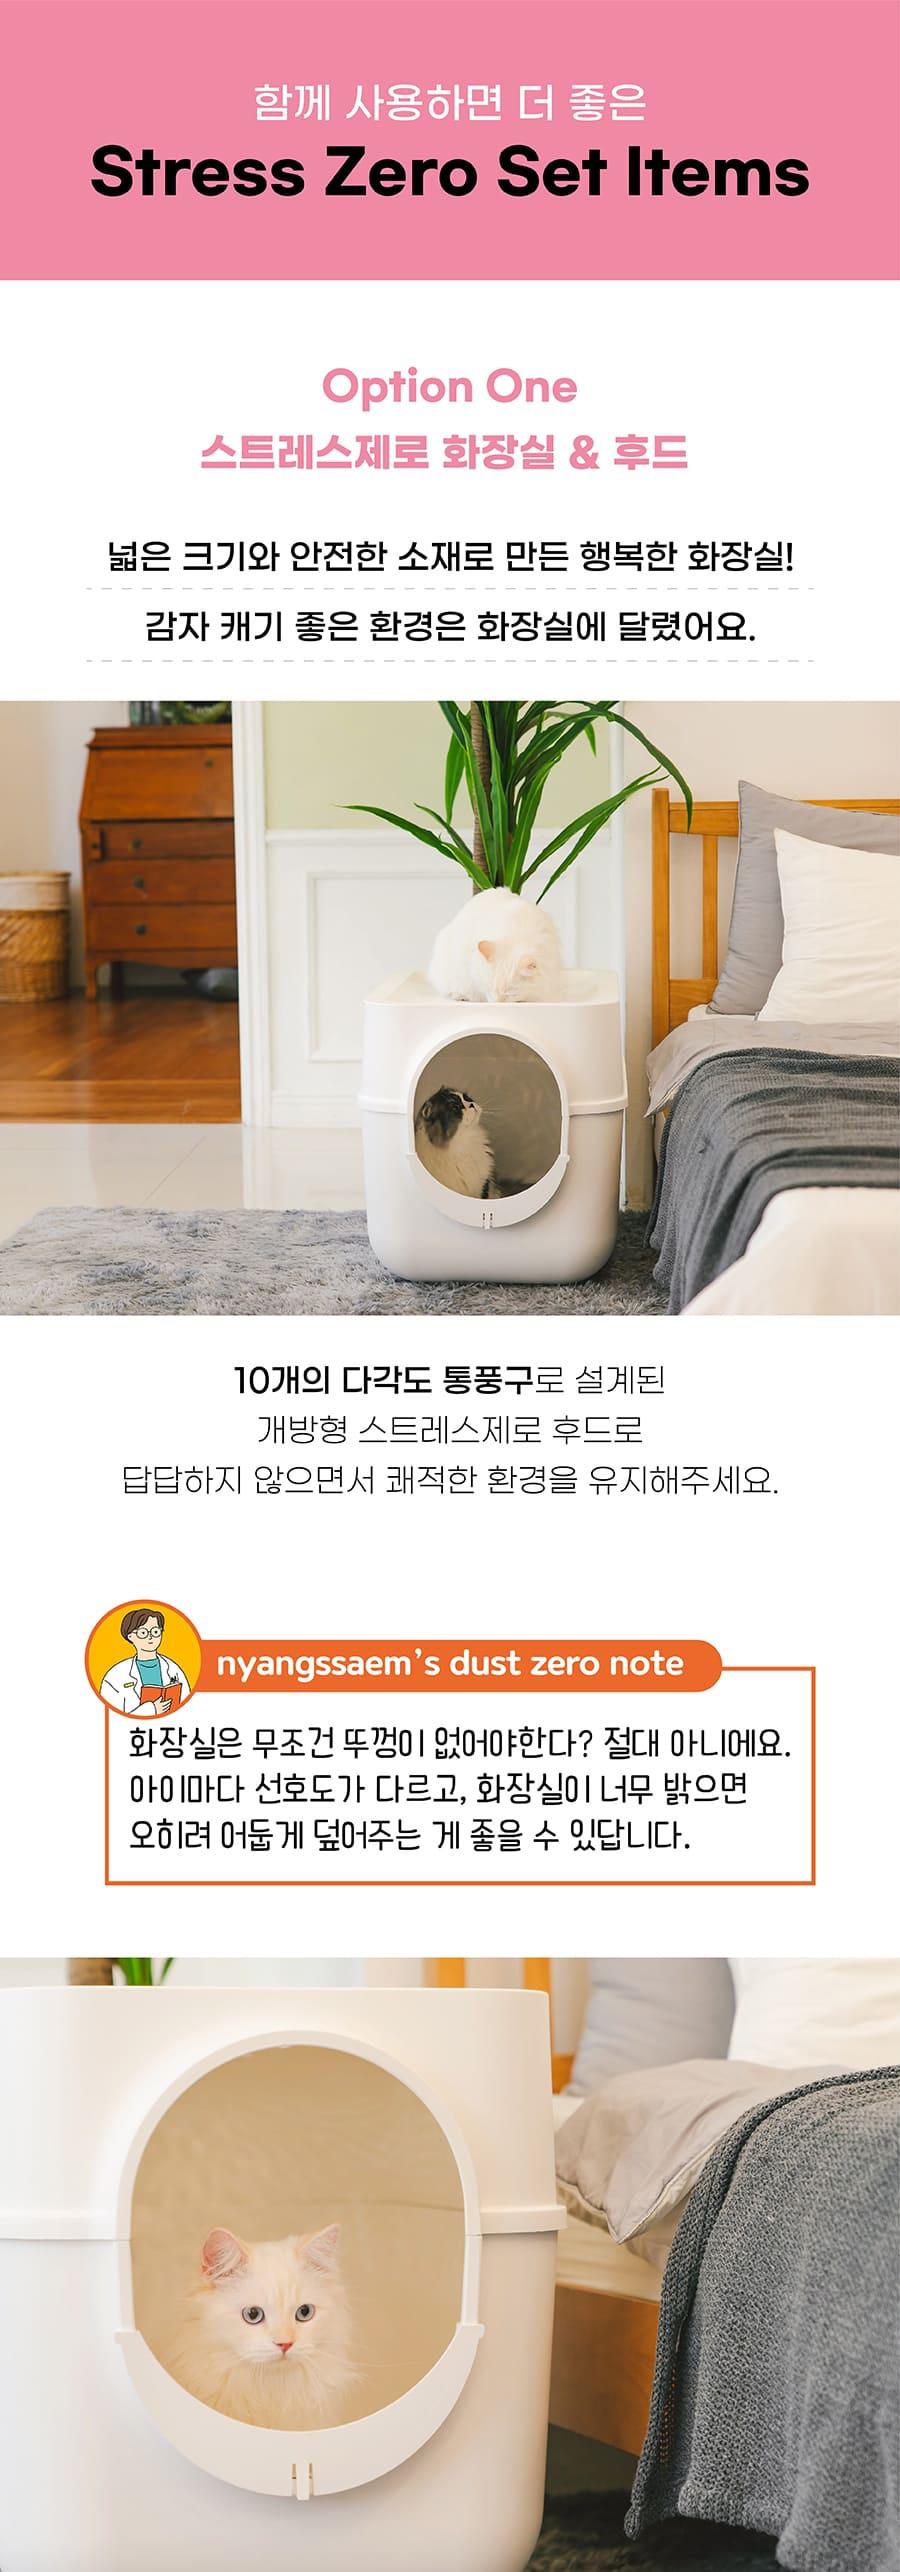 냥쌤 더스트제로 벤토나이트 모래 6kg (무향/피톤치드향)-상품이미지-21